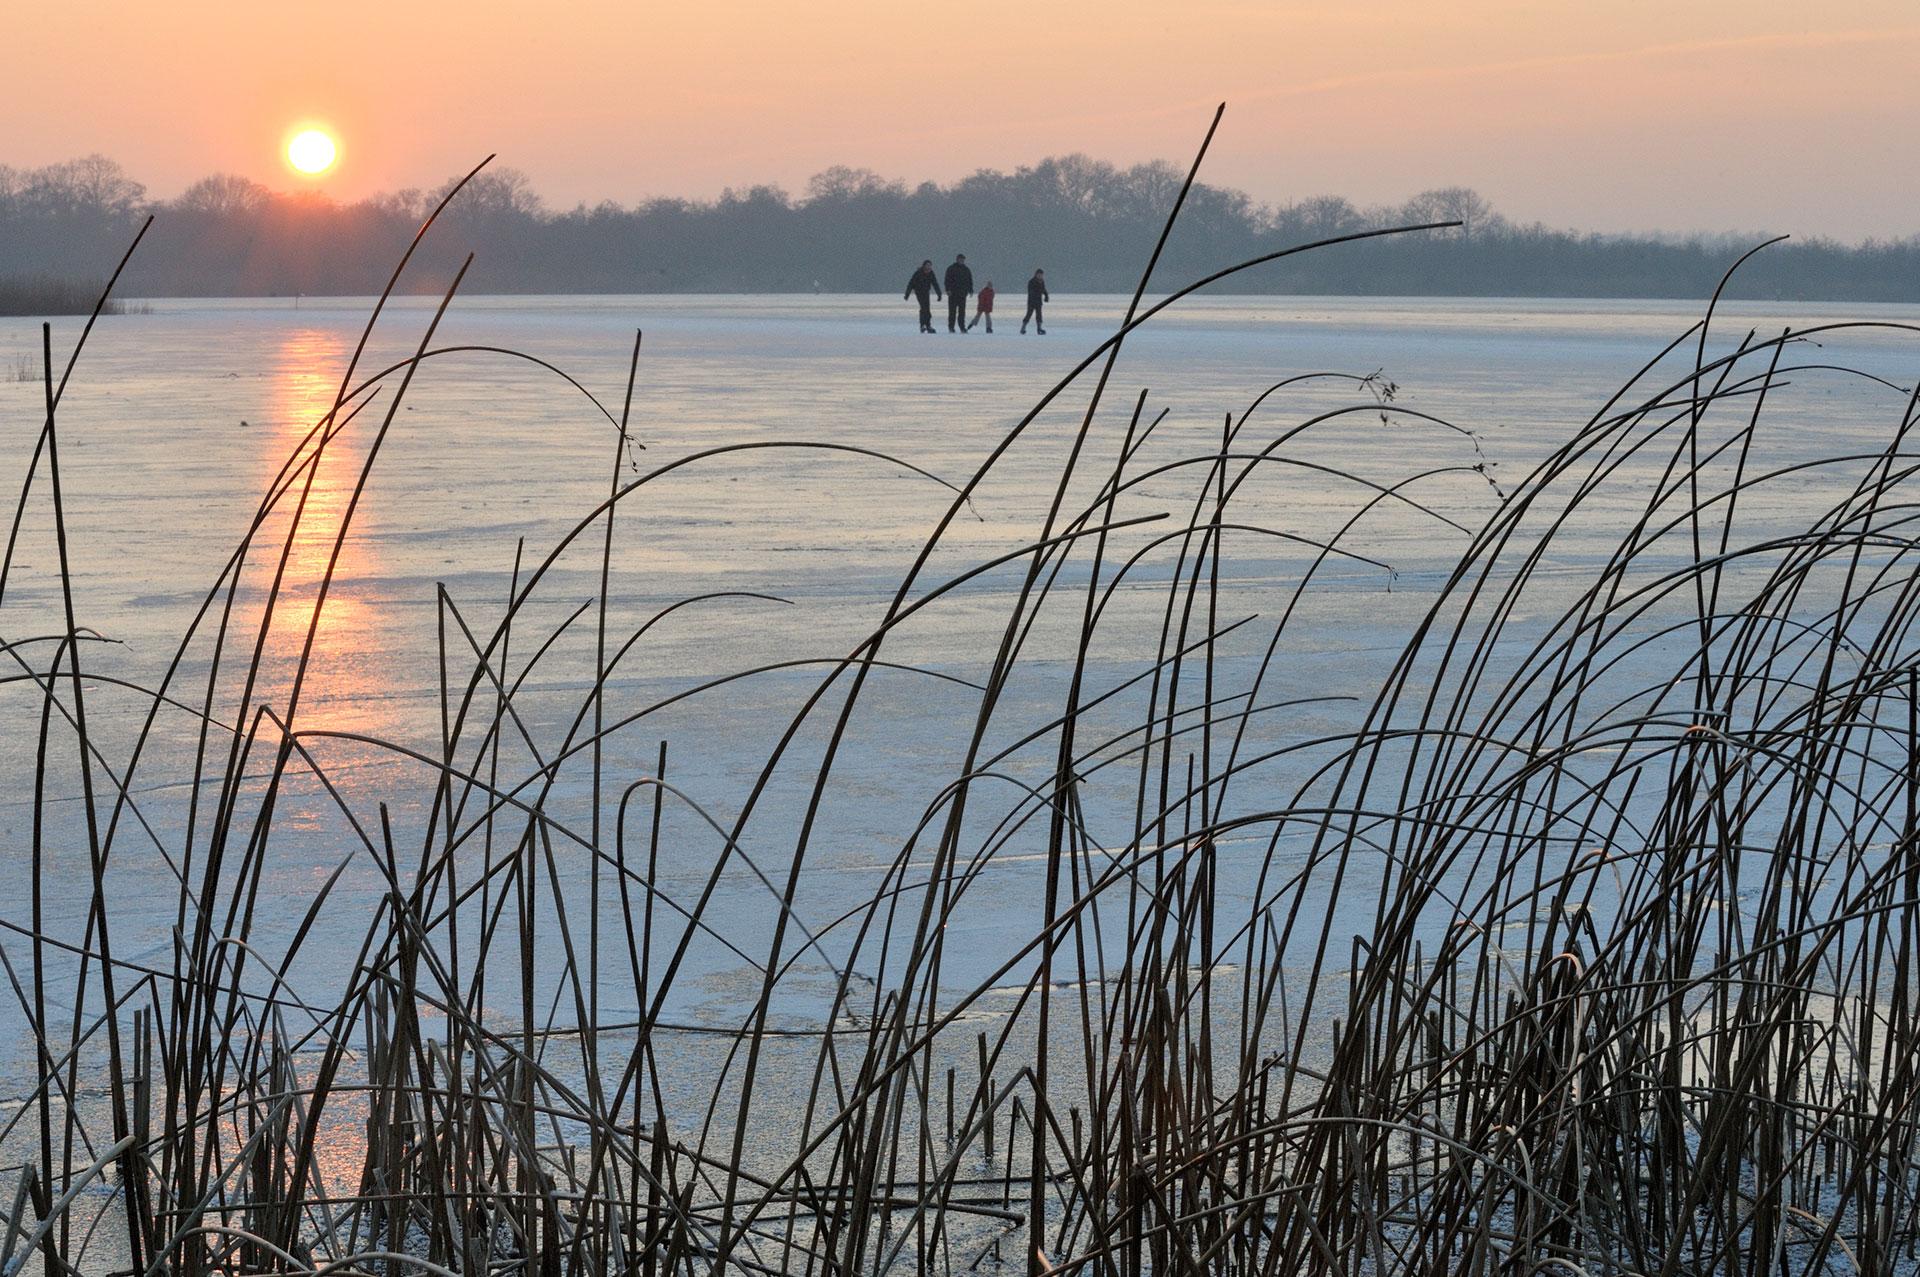 Schaatsers op de Ankeveense Plassen met op de voorgrond biezen.